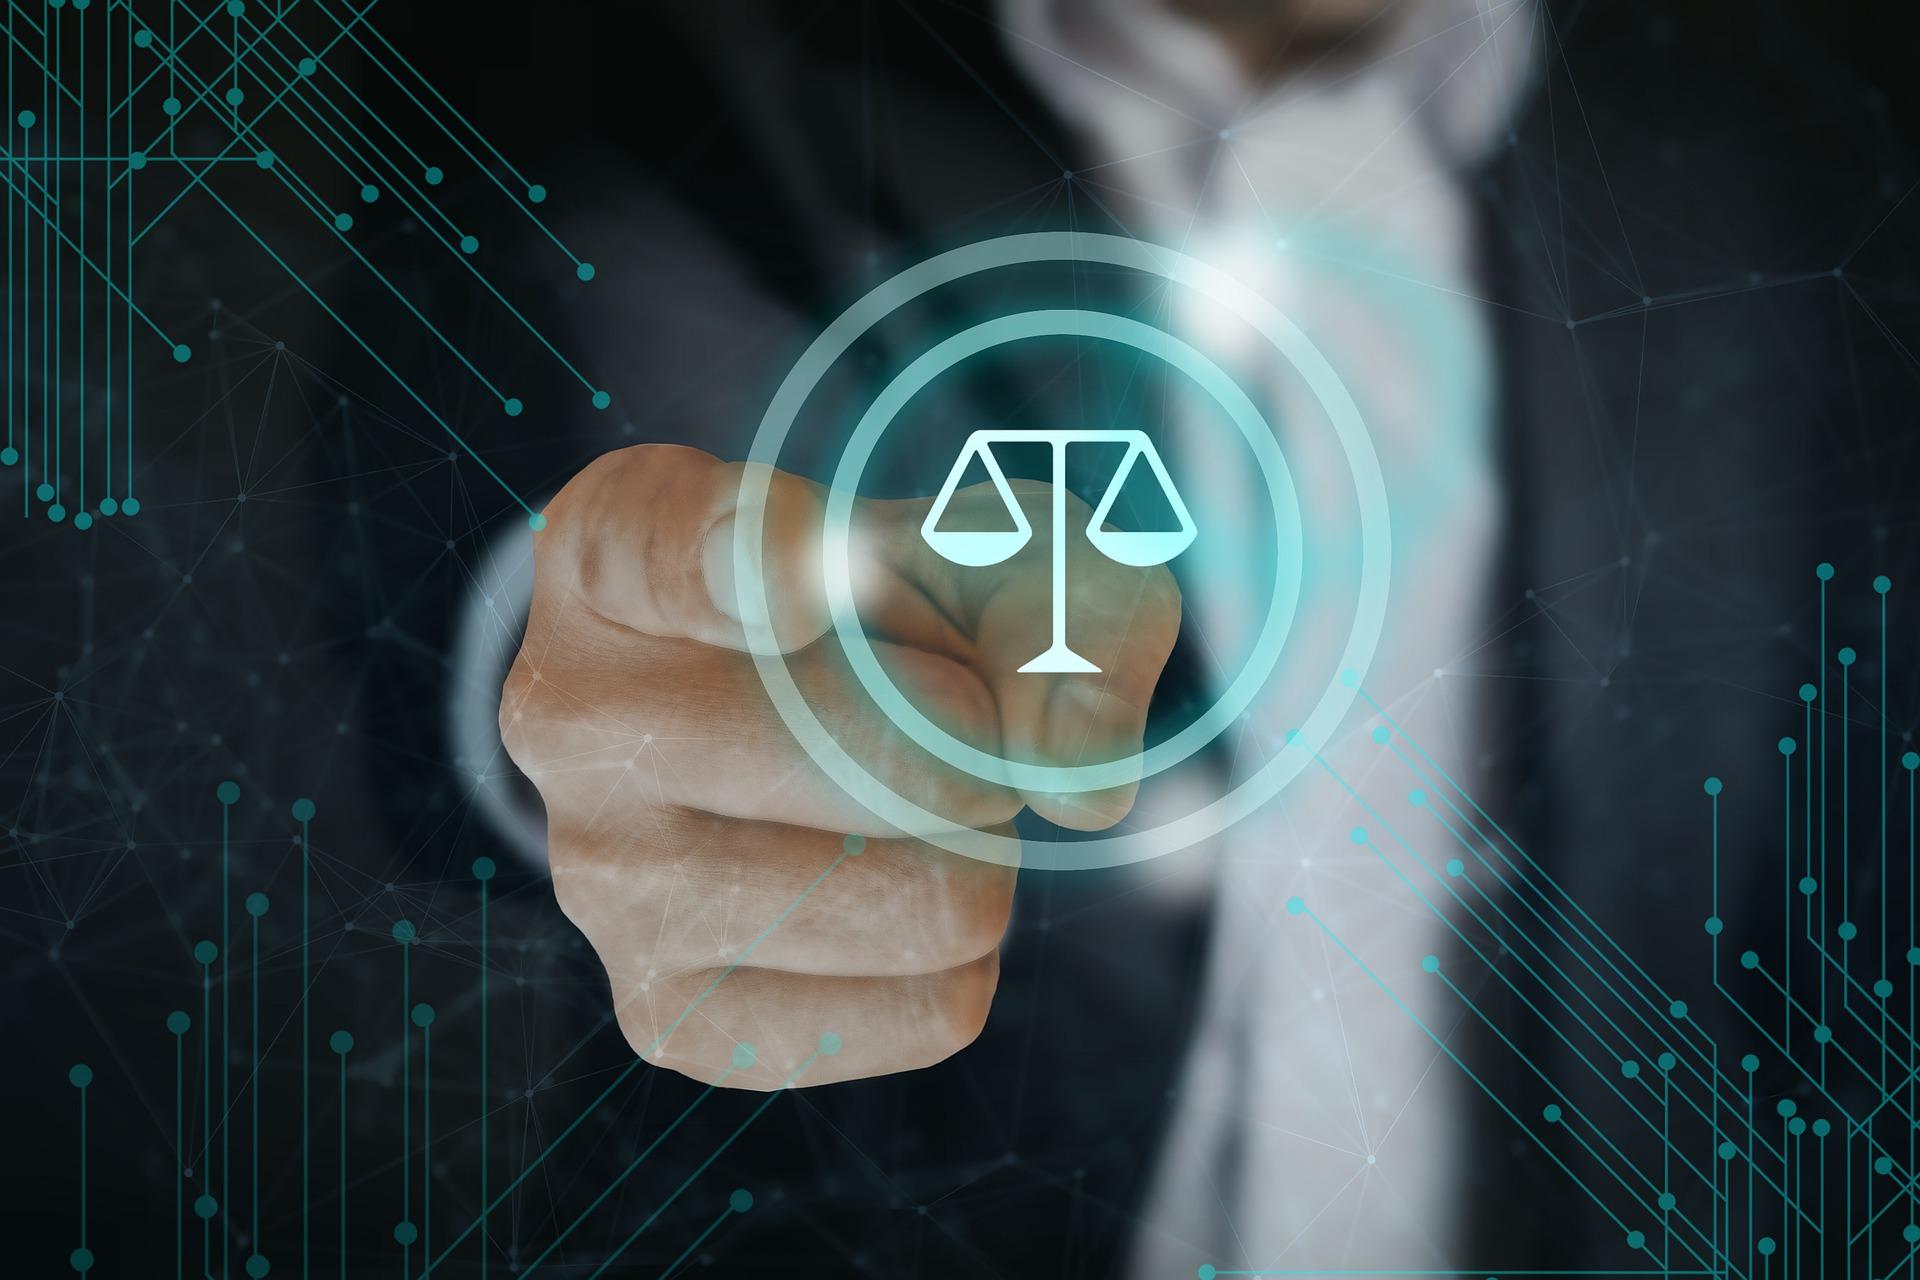 Tres estados de EE. UU. Van tras BlockFi en represión regulatoria